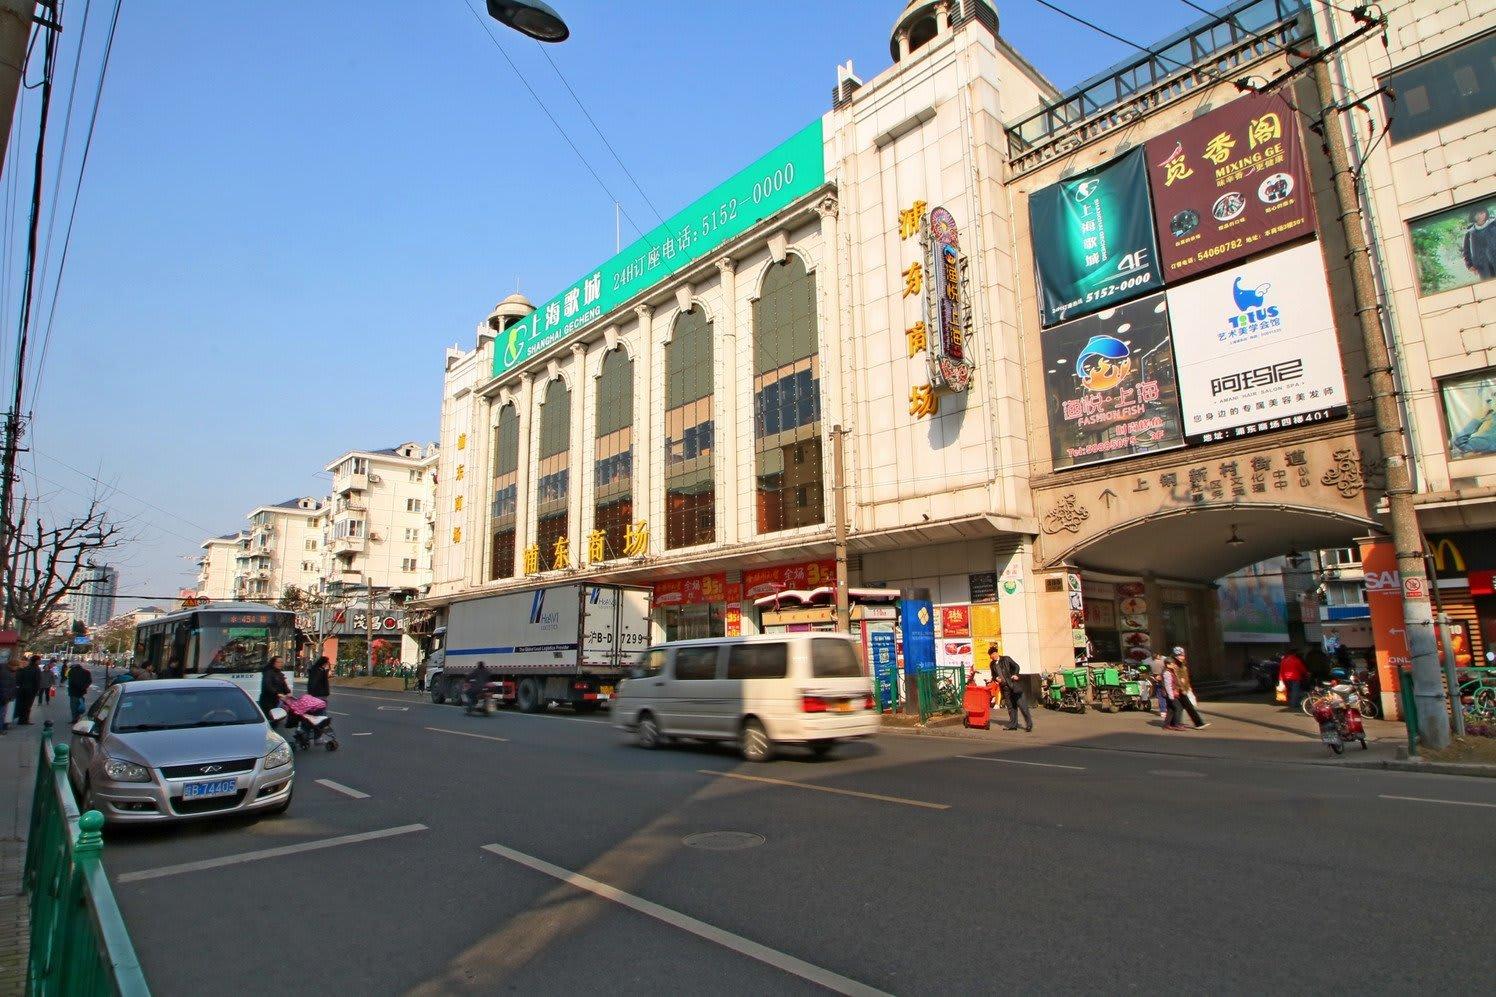 HOSTEL - Shanghai Lanshan Youth Hostel